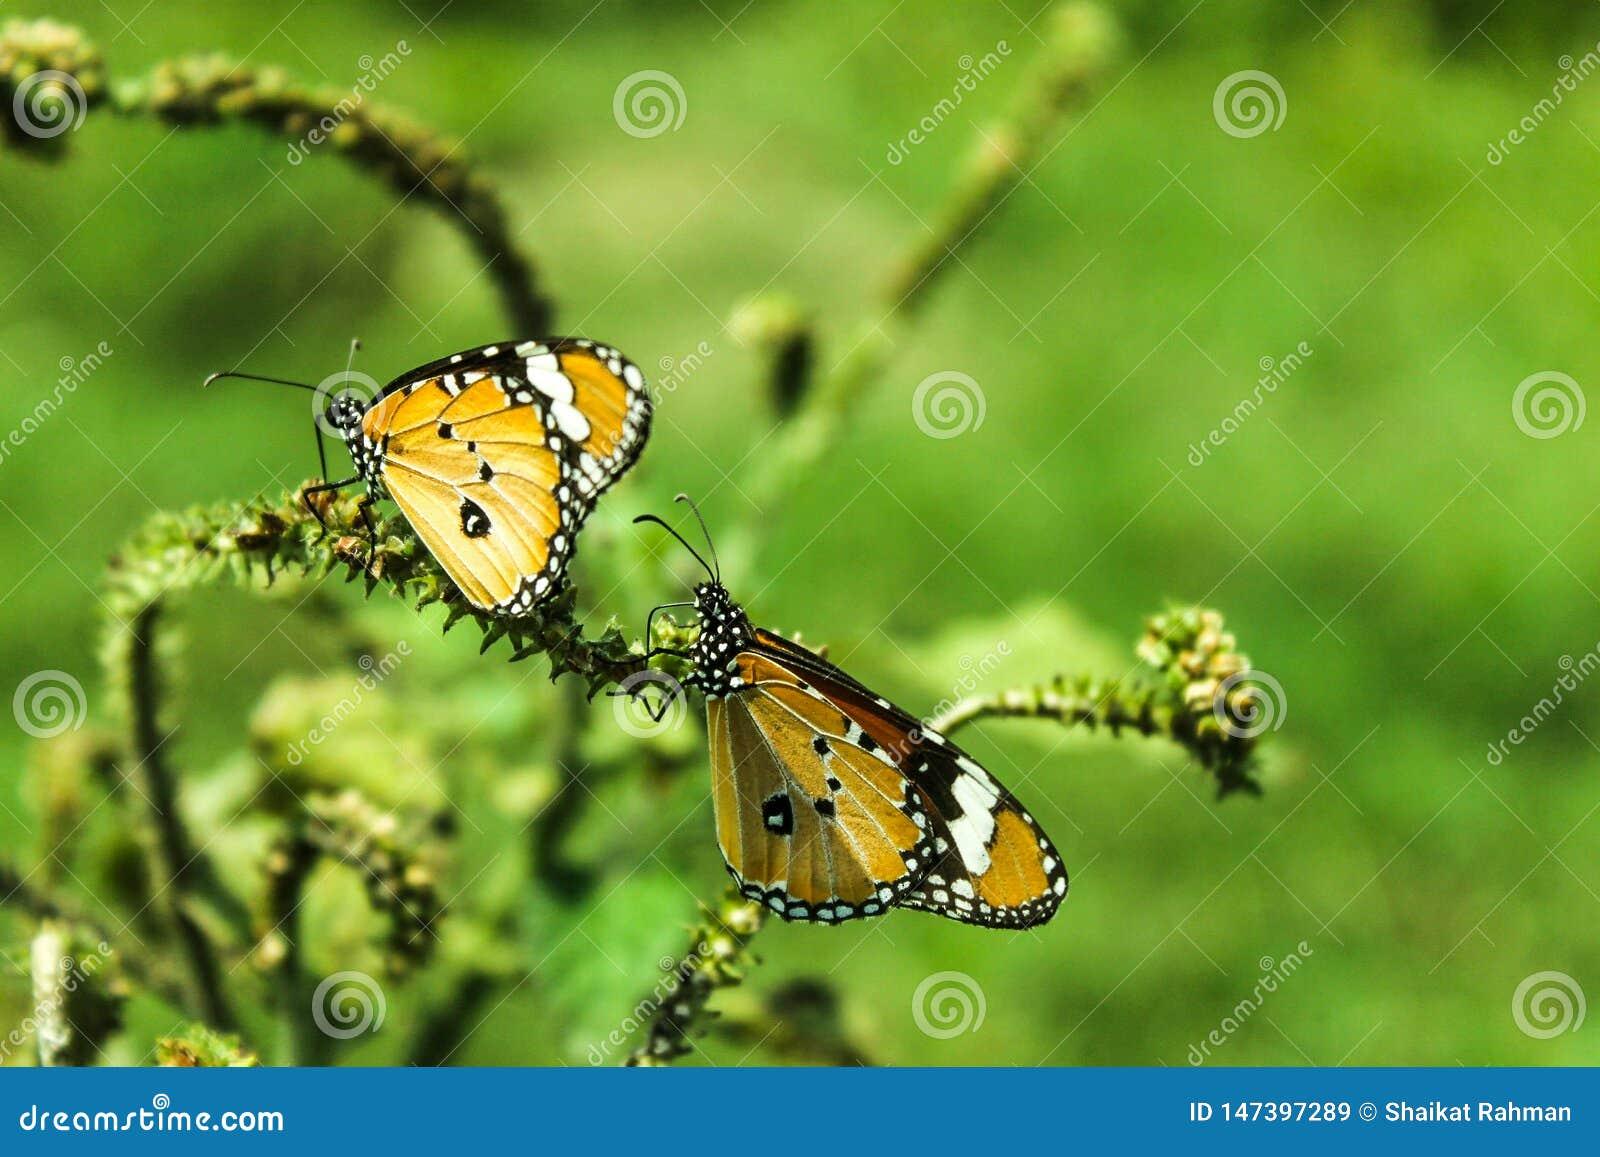 Zwei schöne gelbe Schmetterlinge auf dem Baum